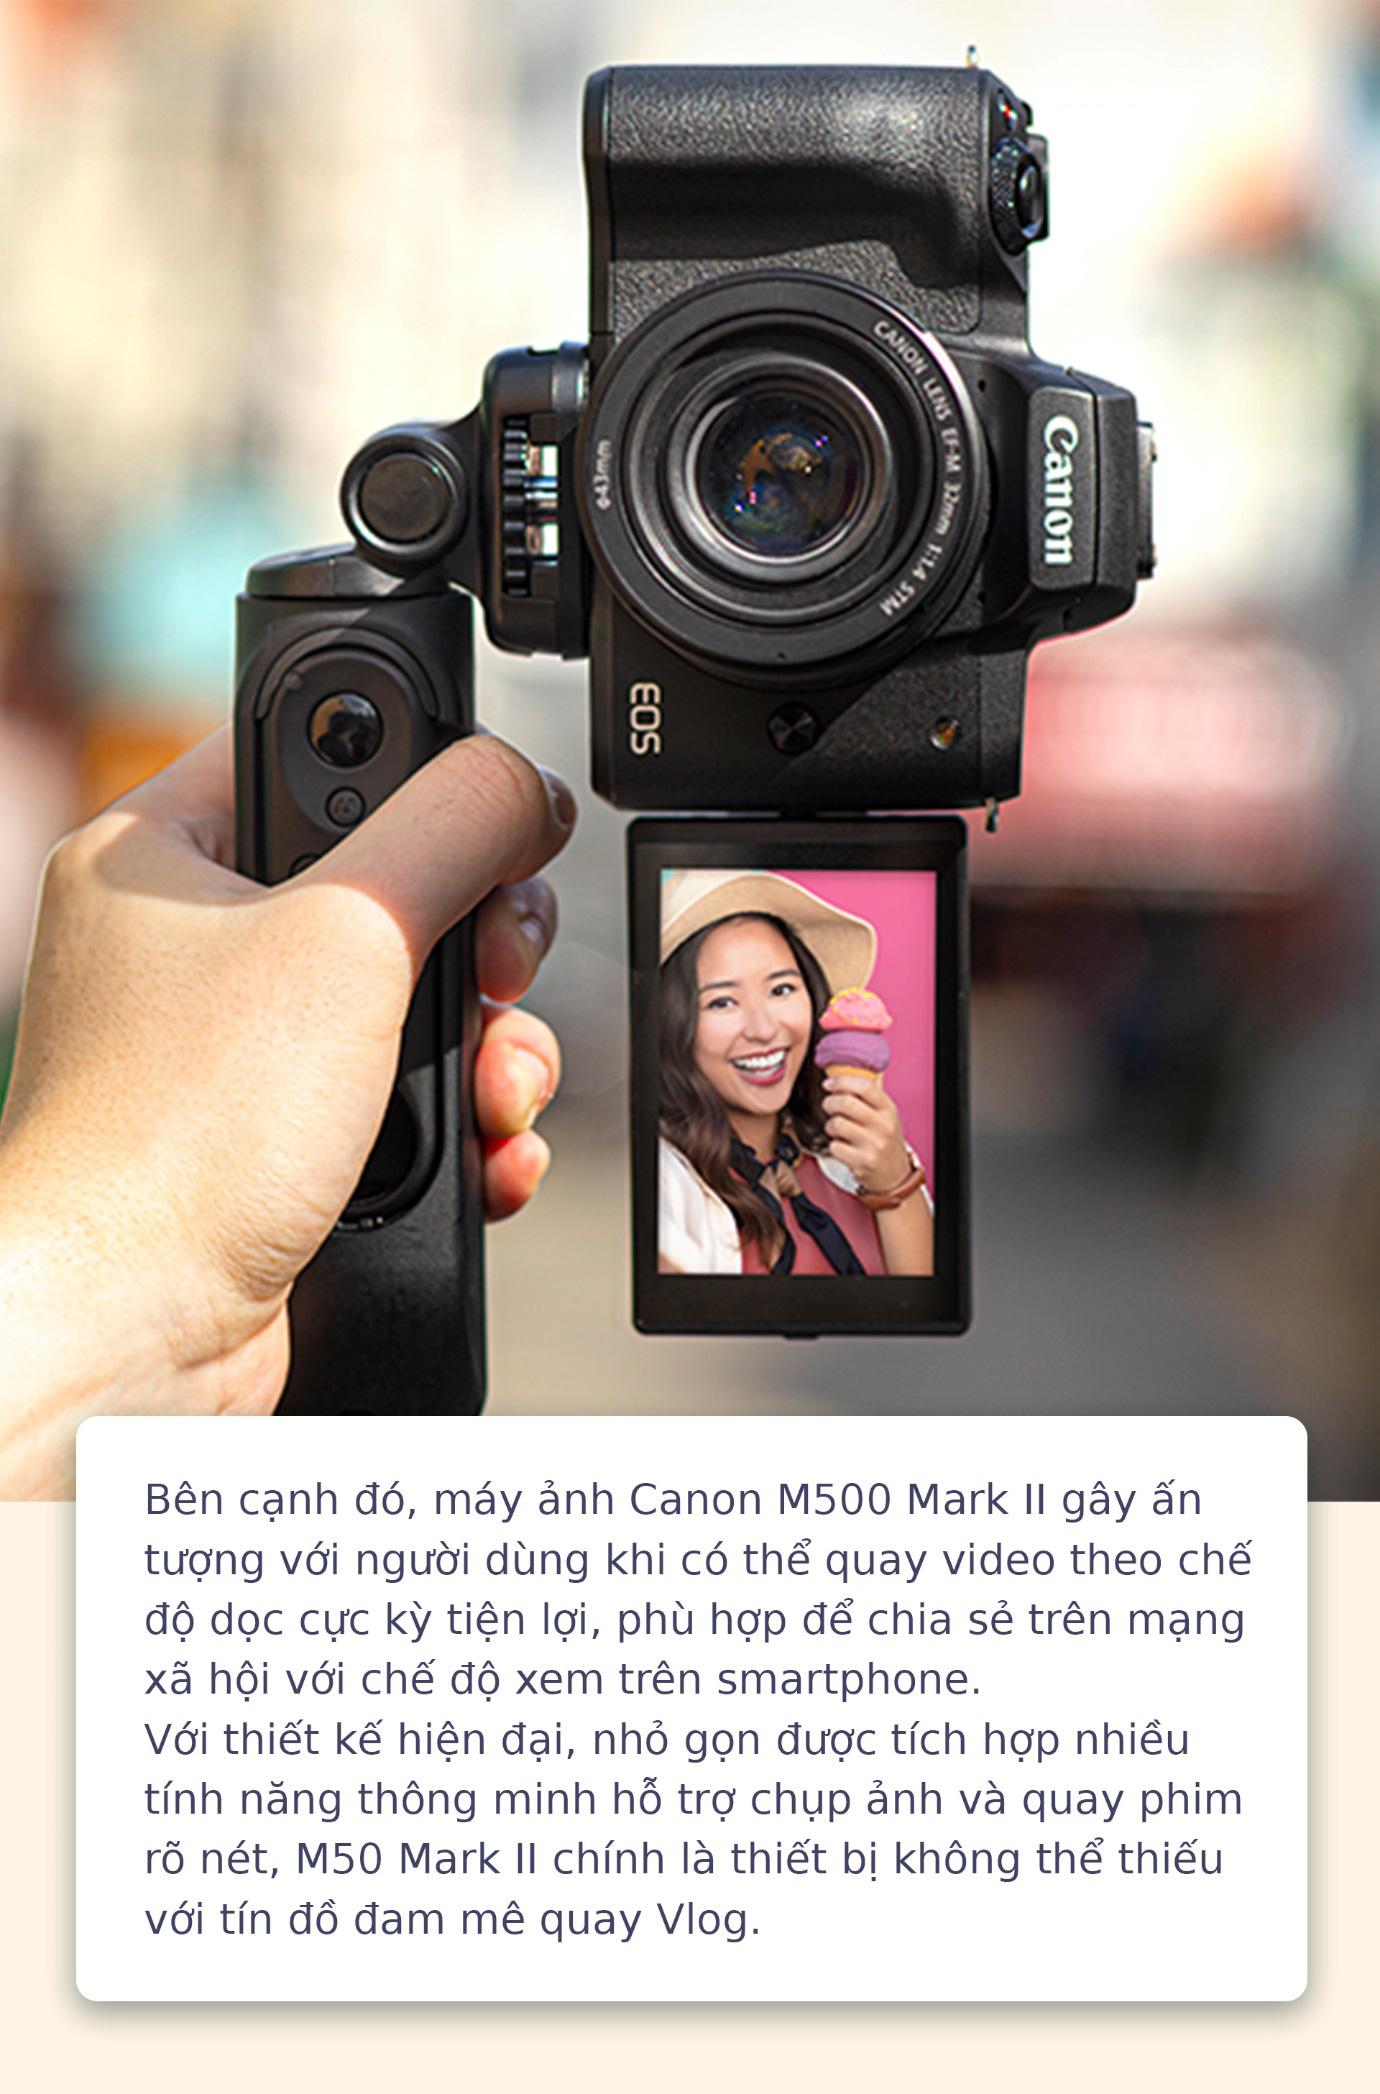 Nếu bạn đam mê làm Vlog thì tuyệt đối đừng bỏ qua những thiết bị này - Ảnh 7.